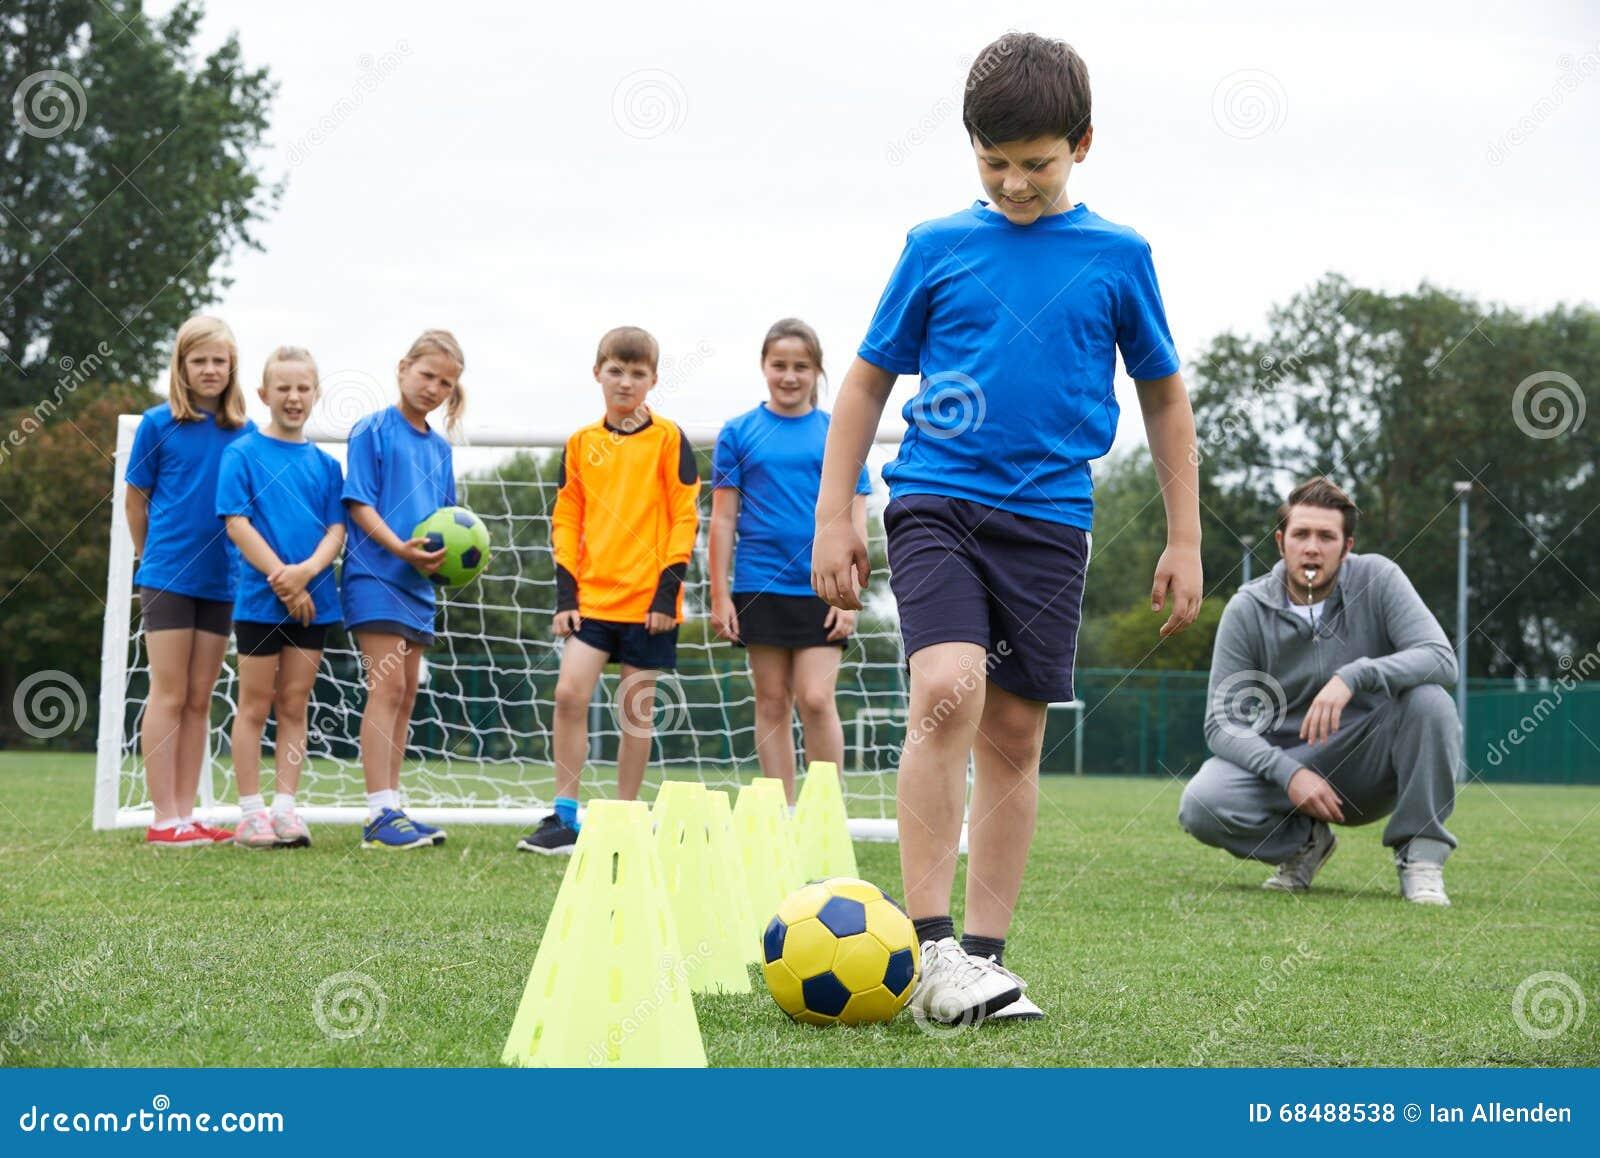 Powozowa Wiodąca Plenerowa piłki nożnej sesja szkoleniowa